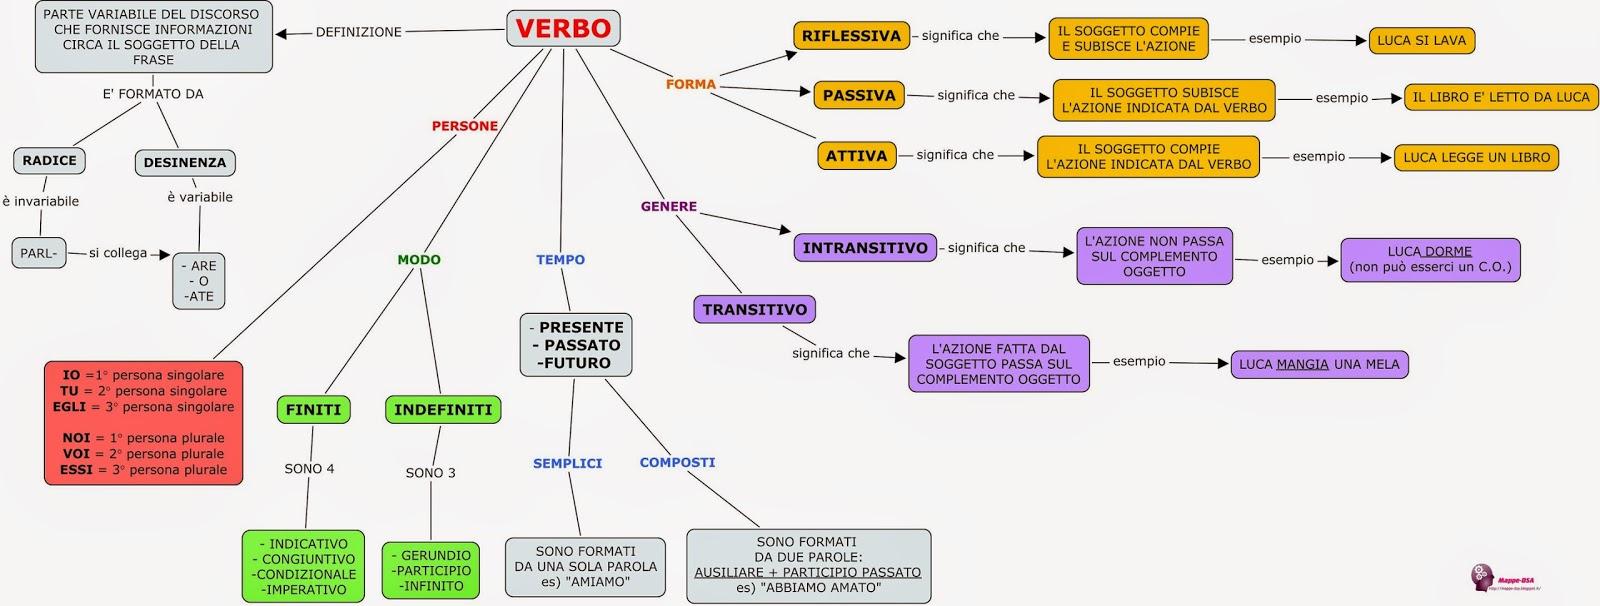 mappa dsa grammatica verbo